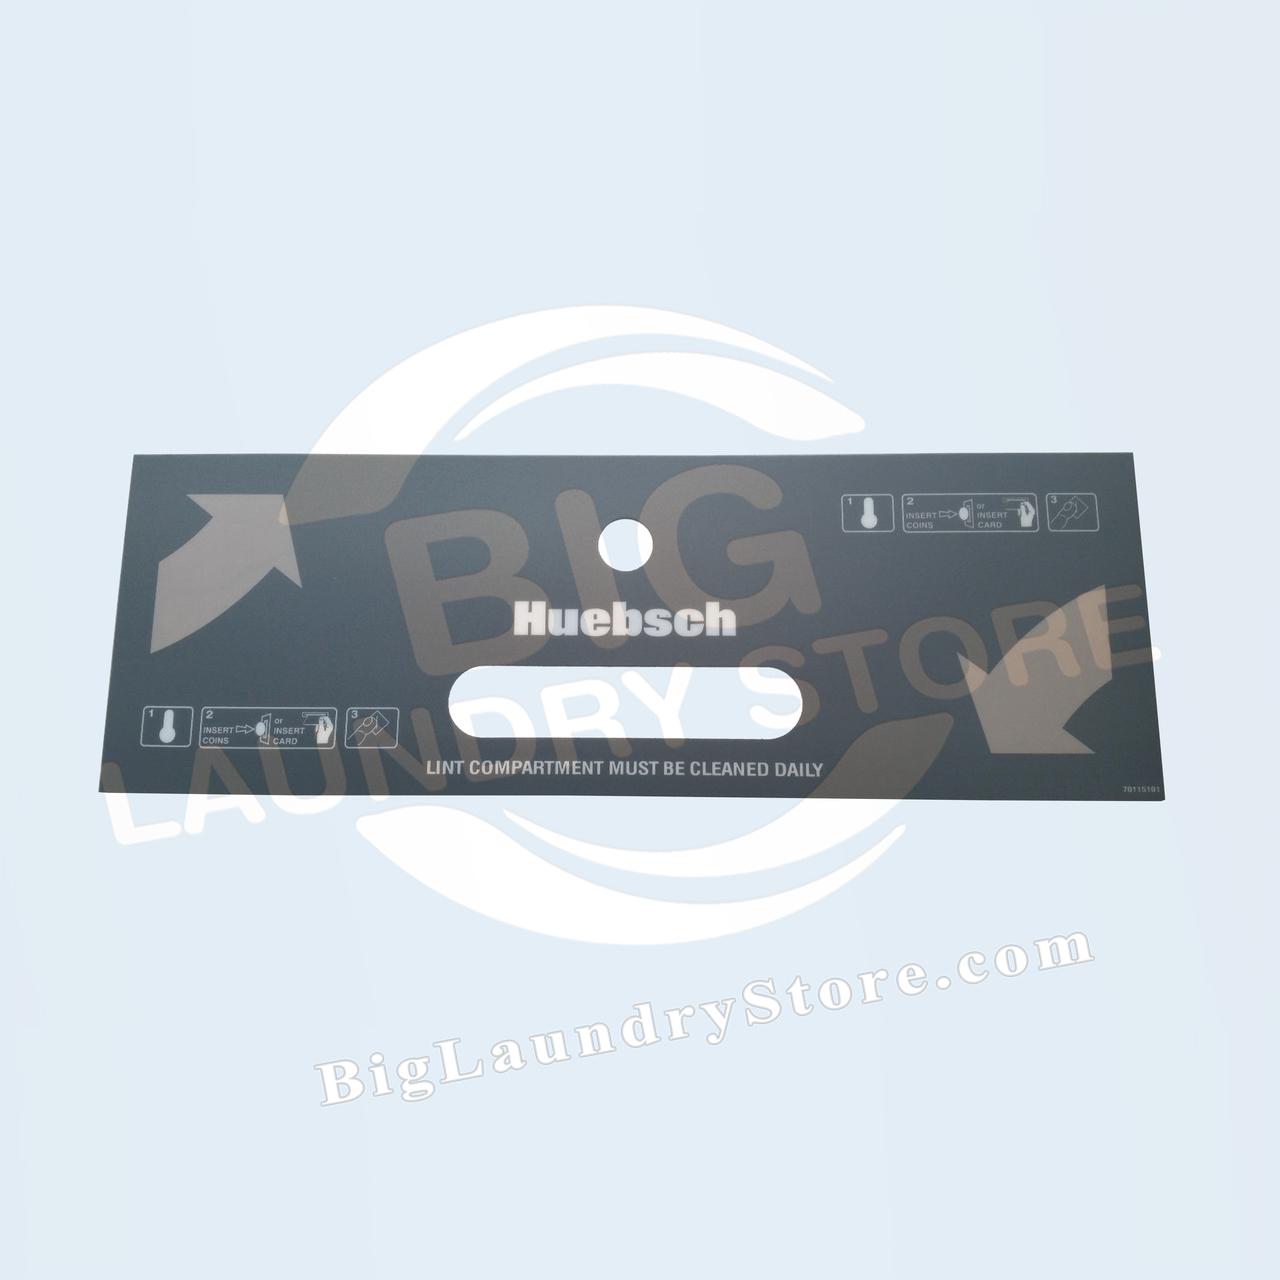 Huebsch Upper Lint Drawer Overlay - Huebsch # 70115101